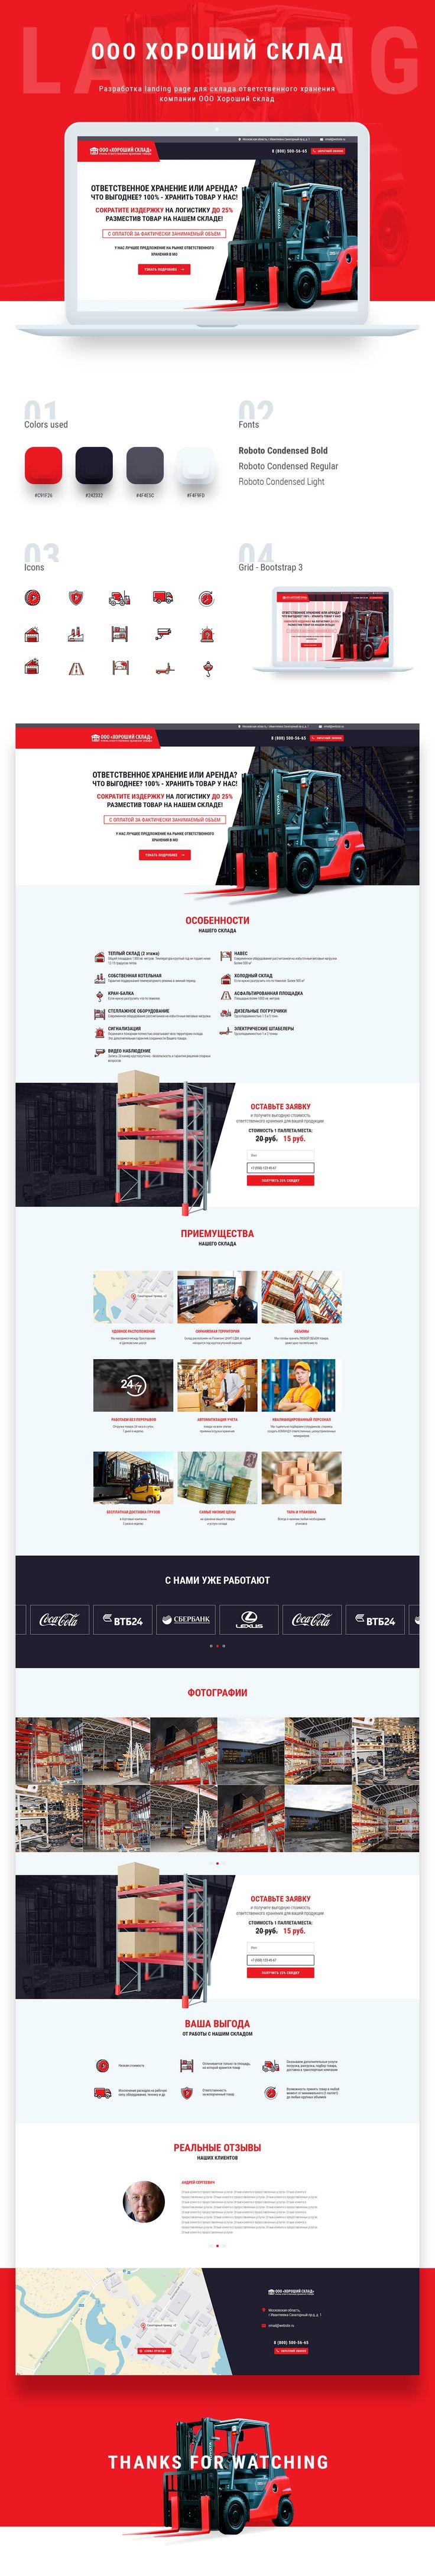 Landing page по предоставлению услуг ответственного хранения